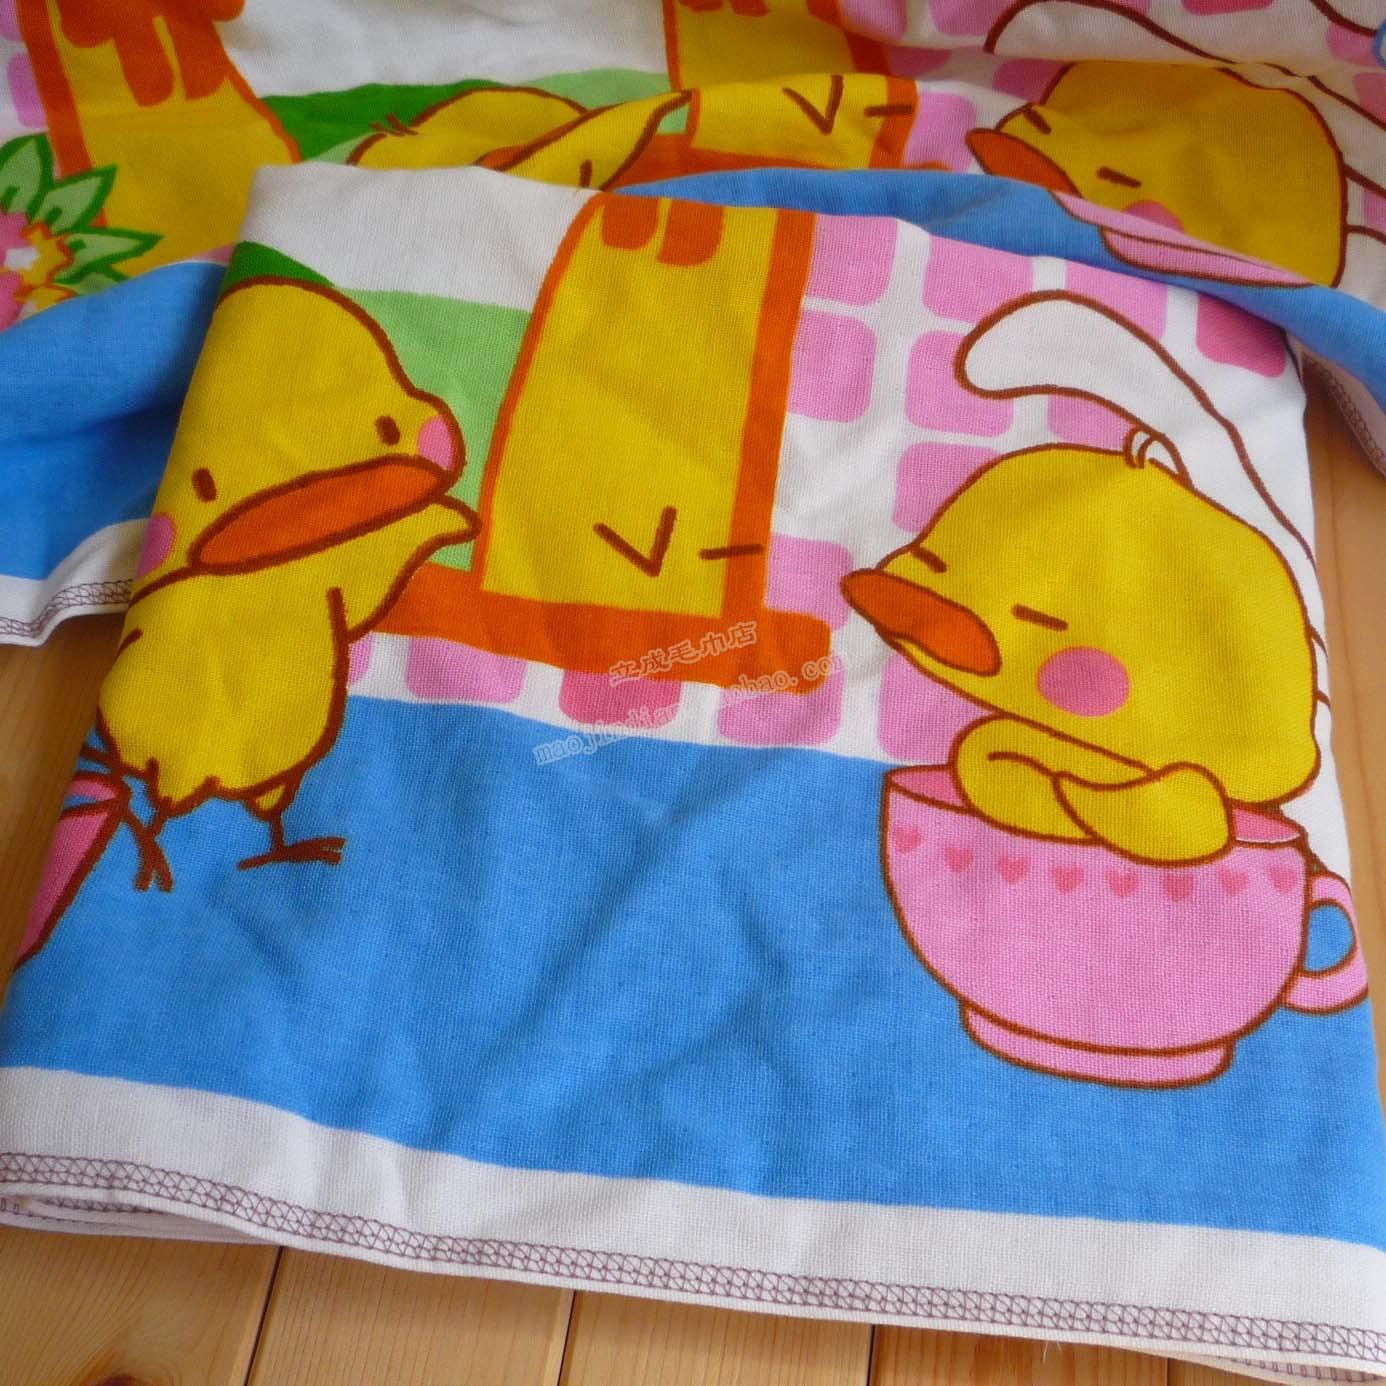 Внешней торговли хлопчатобумажной пряжи ткани полотенце милый утенок ванну воды мягкий и легко Детская ванна полотенце Распродажа